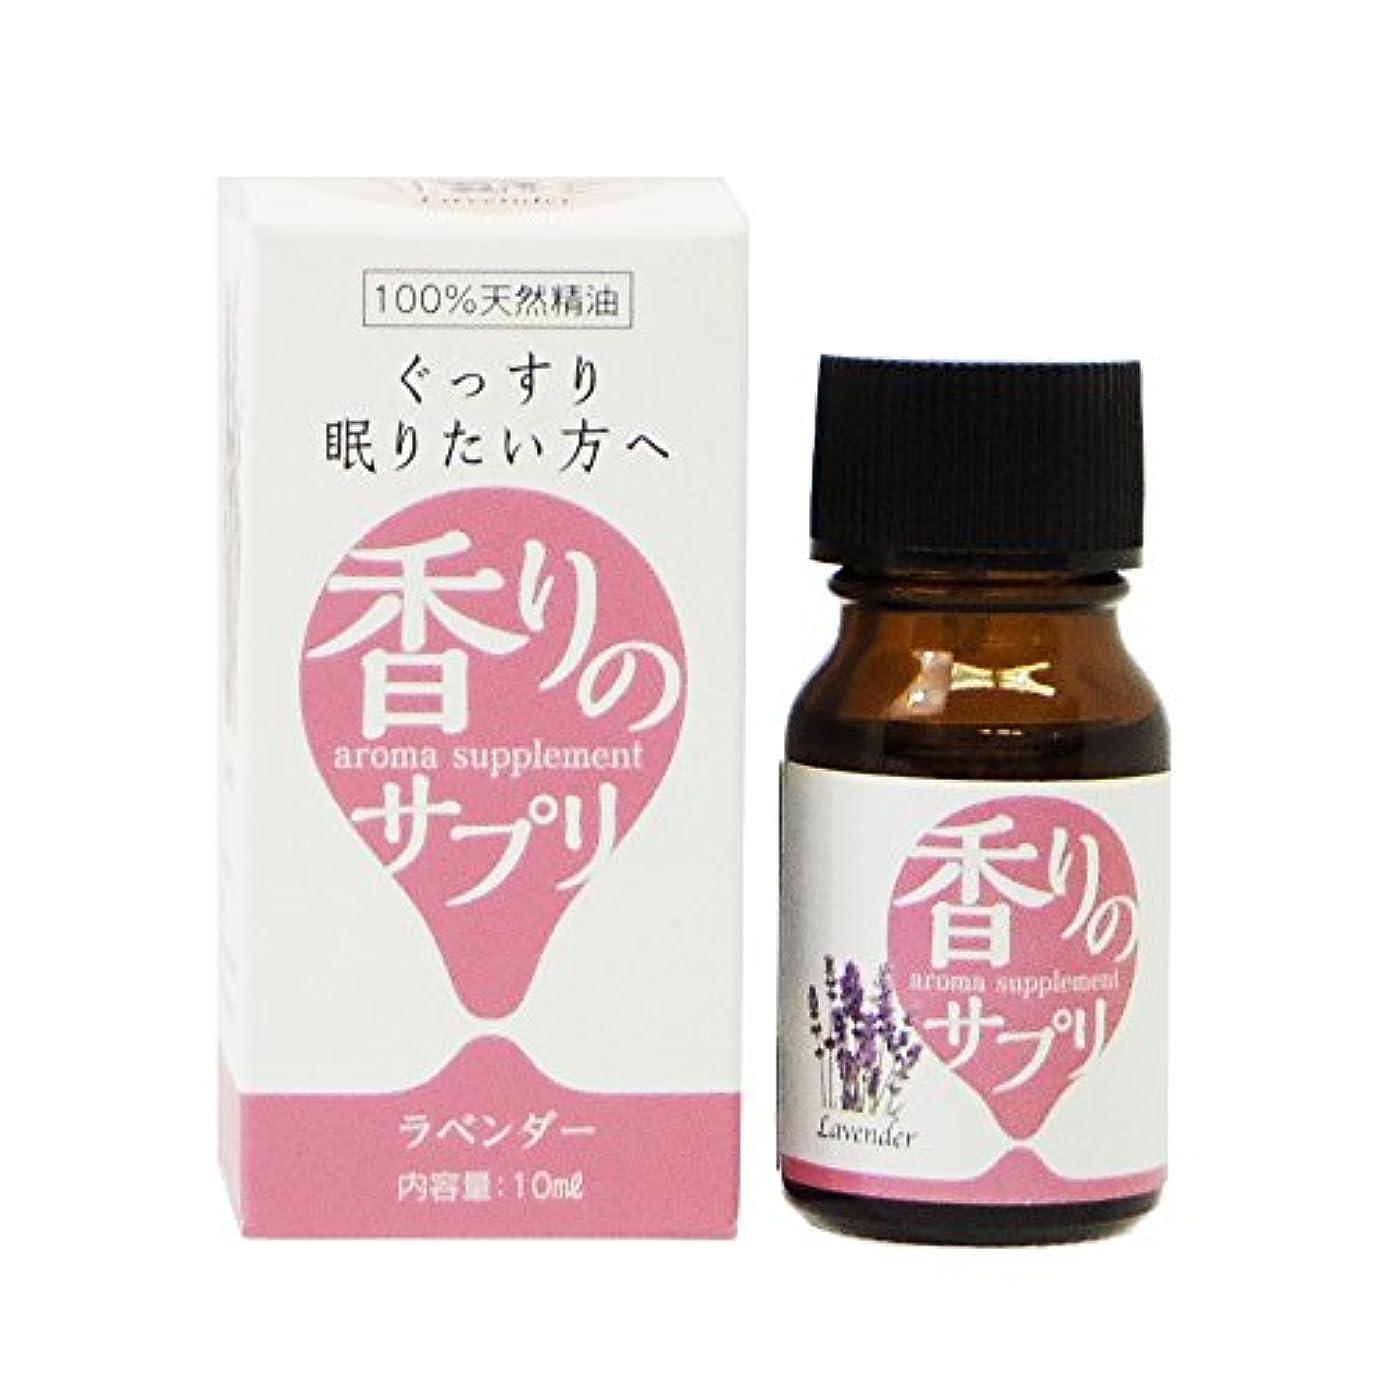 ふける比率いくつかの香りのサプリ ラベンダー エッセンシャルオイル10ml 384256